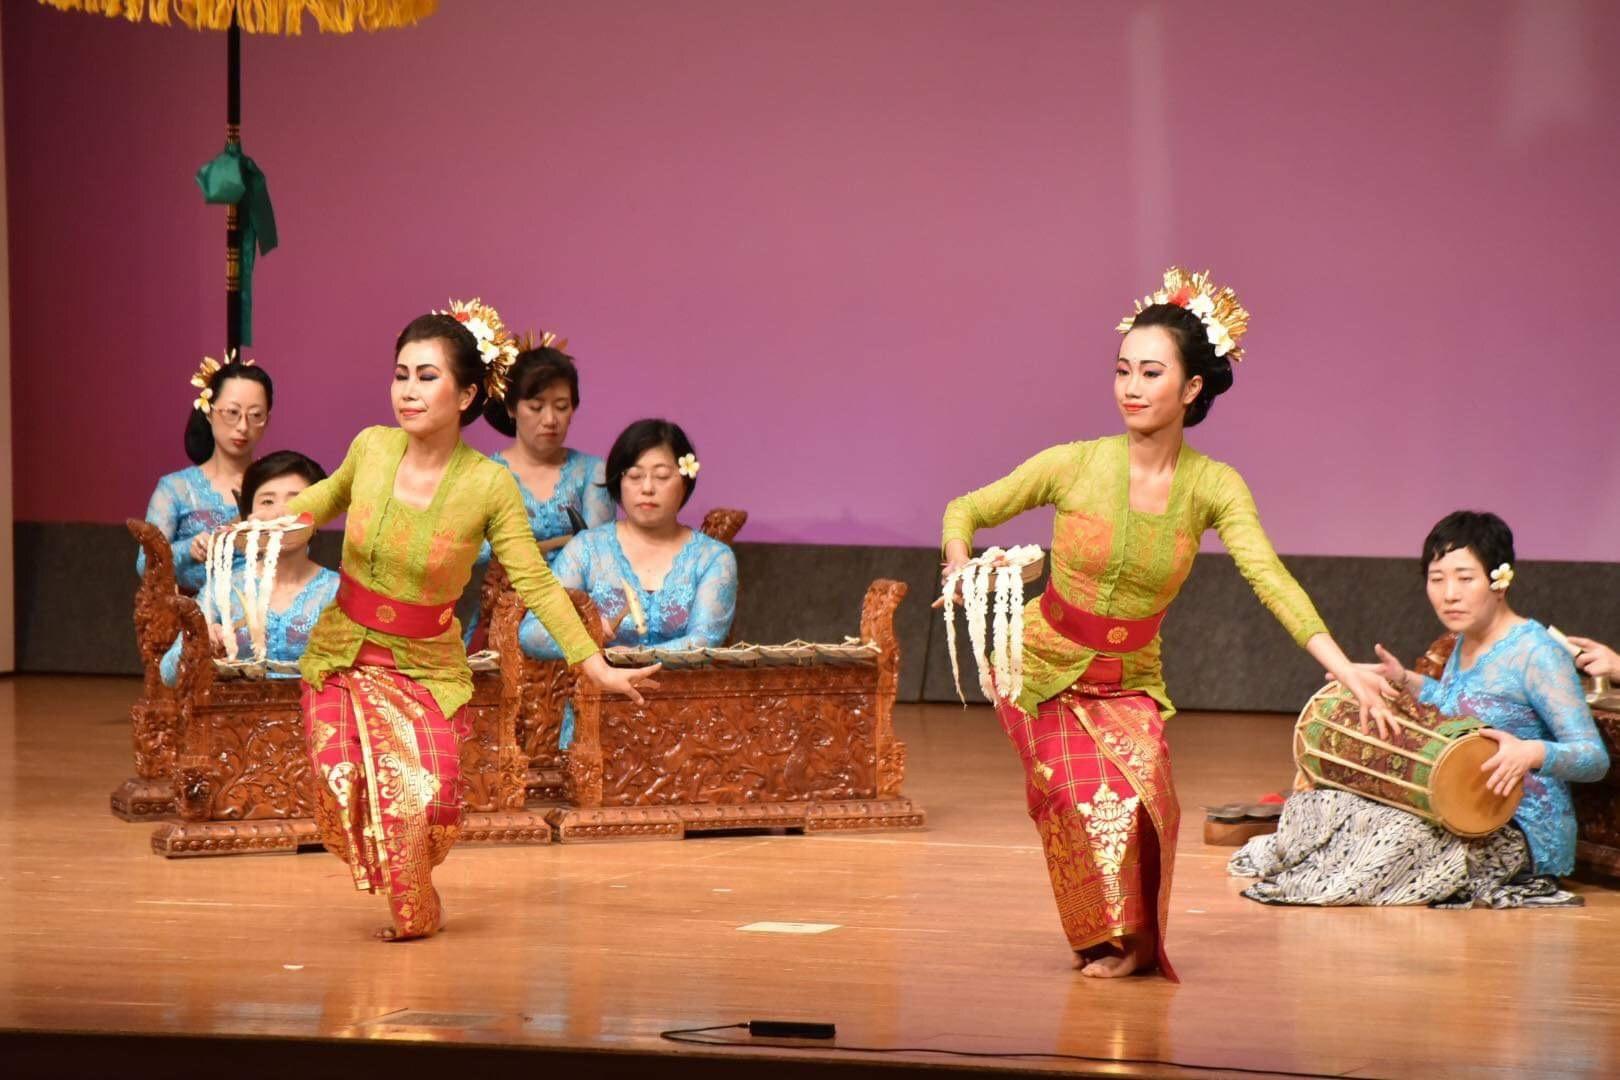 6月1日はバリ舞踊の日_e0017689_23545605.jpeg